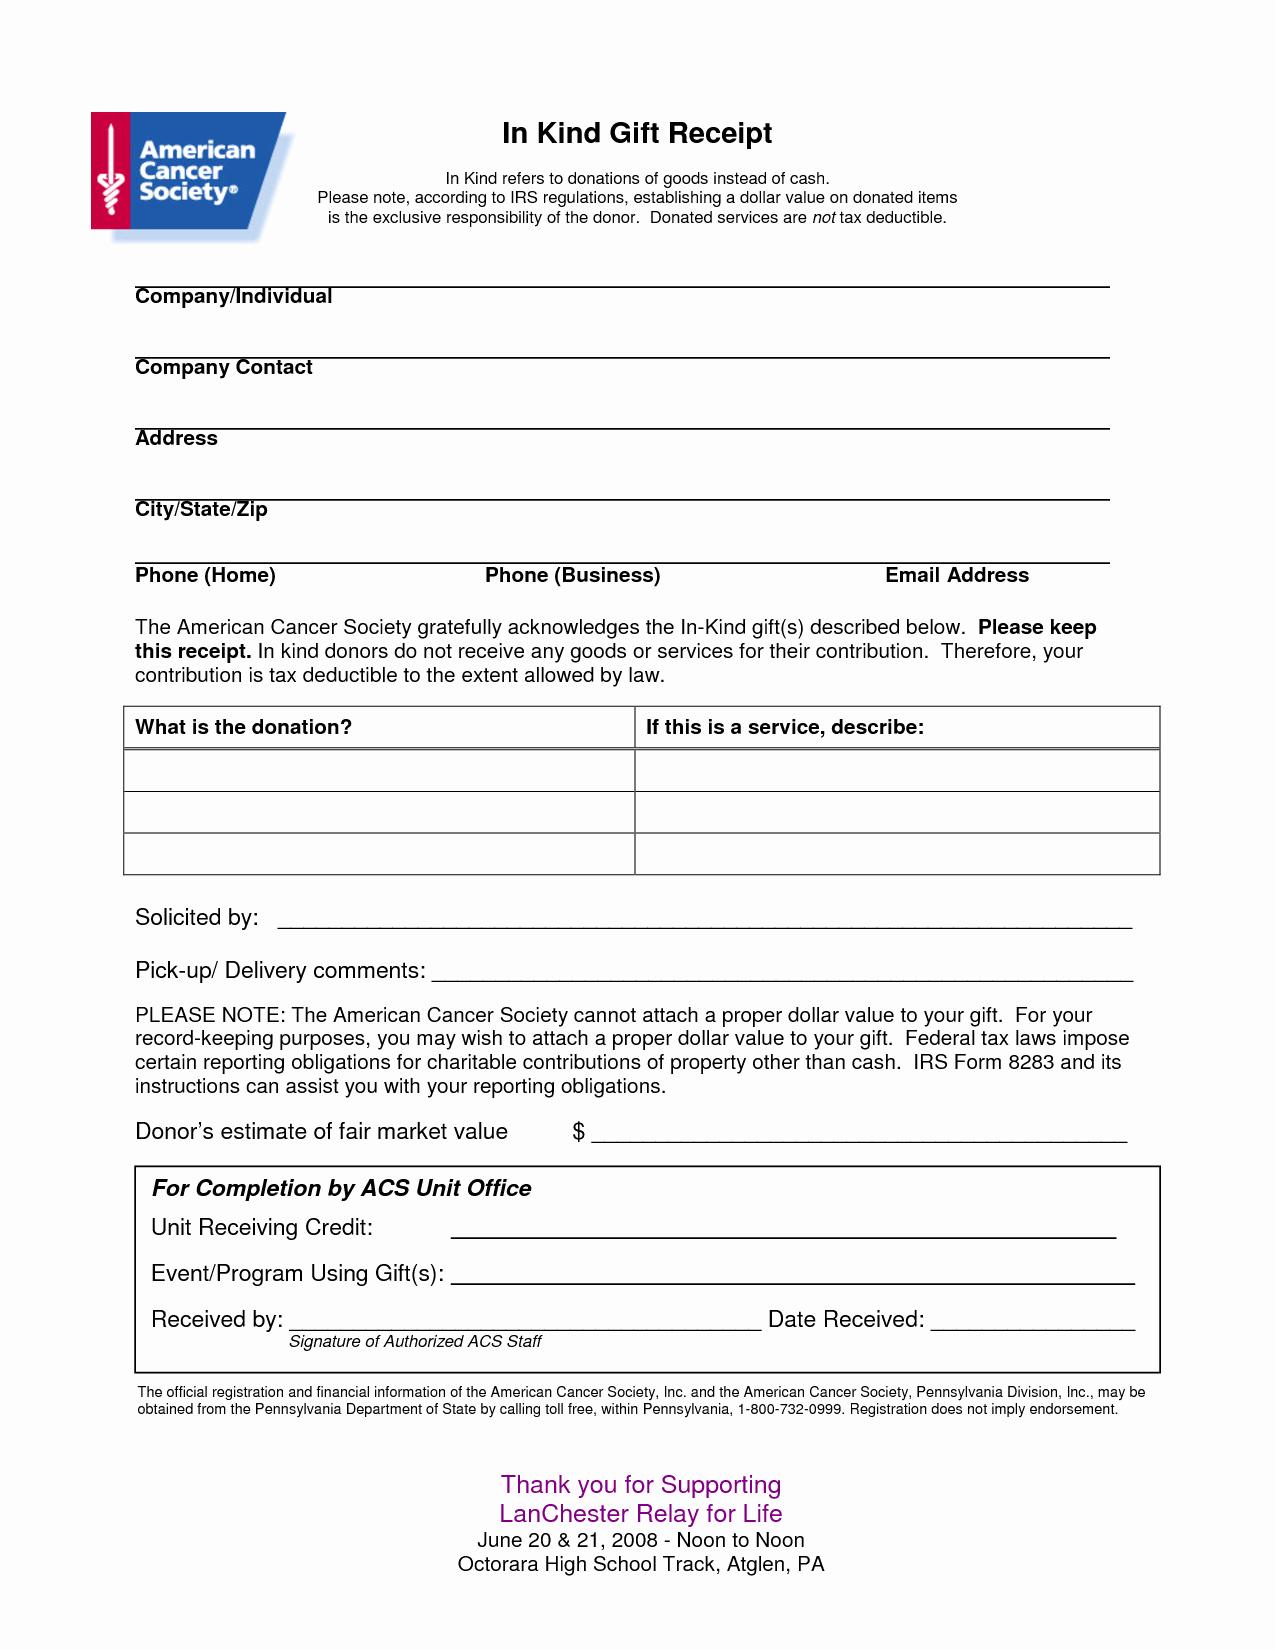 Non Profit Donation Receipt form Best Of Non Profit Receipt Of Cash Donation Letter Template